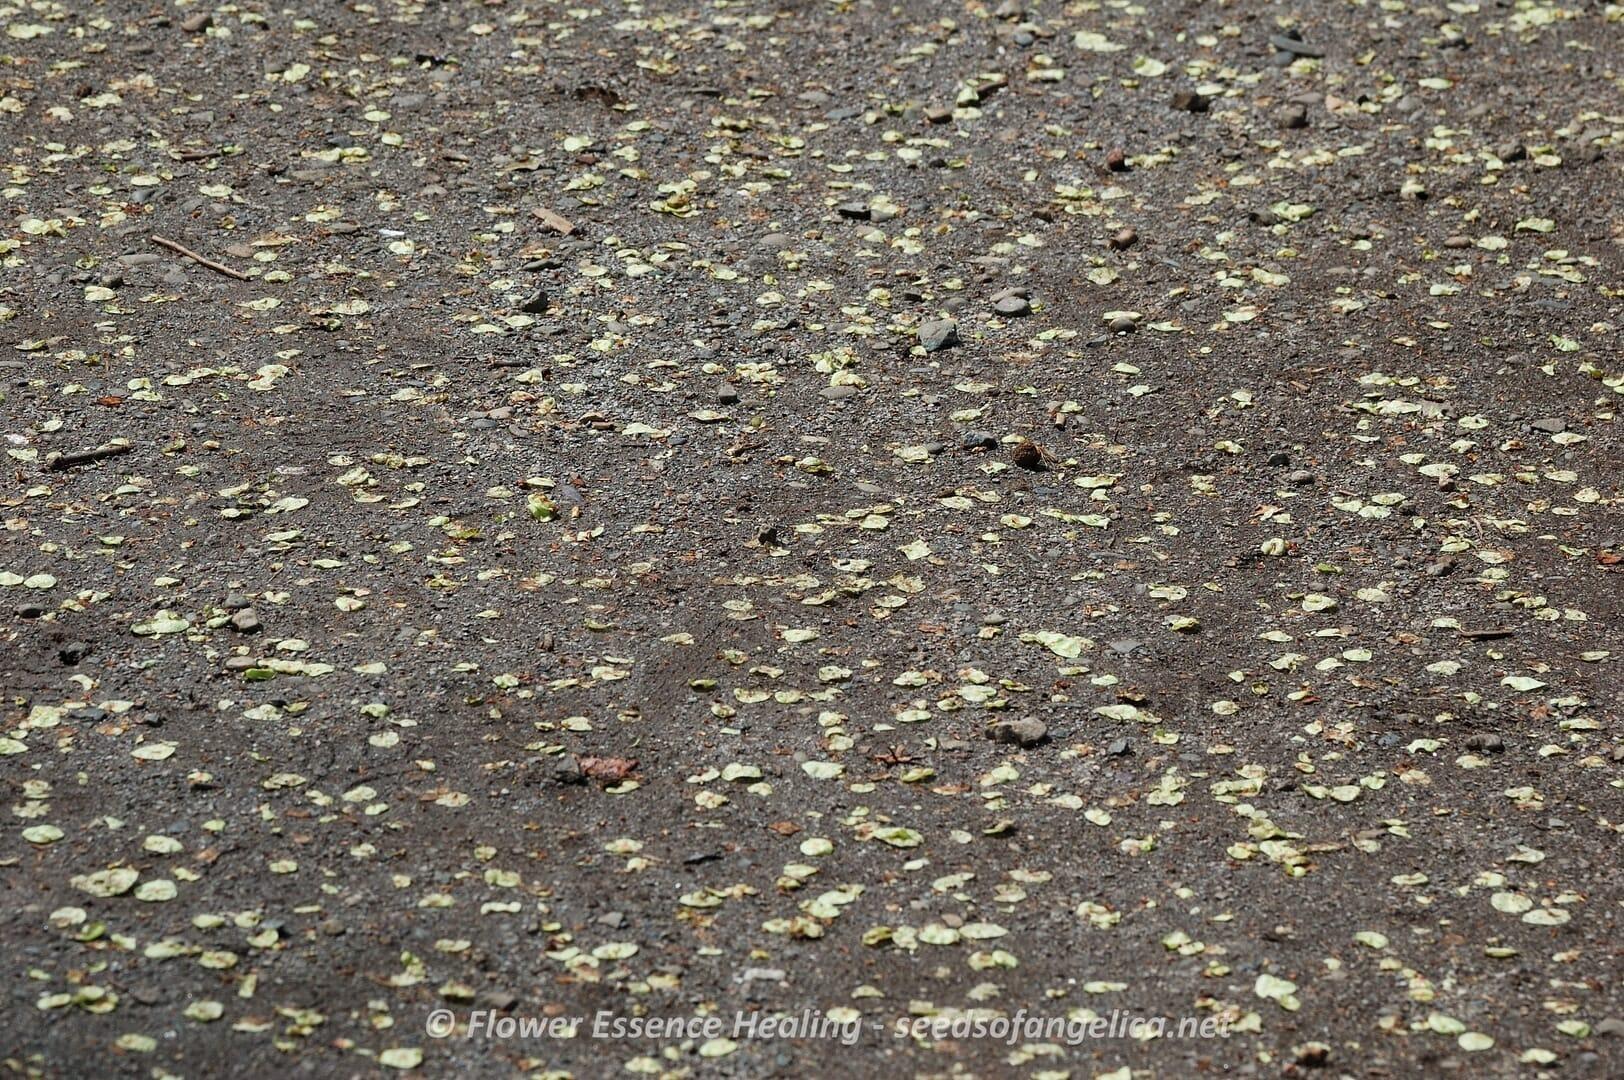 エルム(ヨーロッパニレ)の翼果がたくさん地面に落ちています